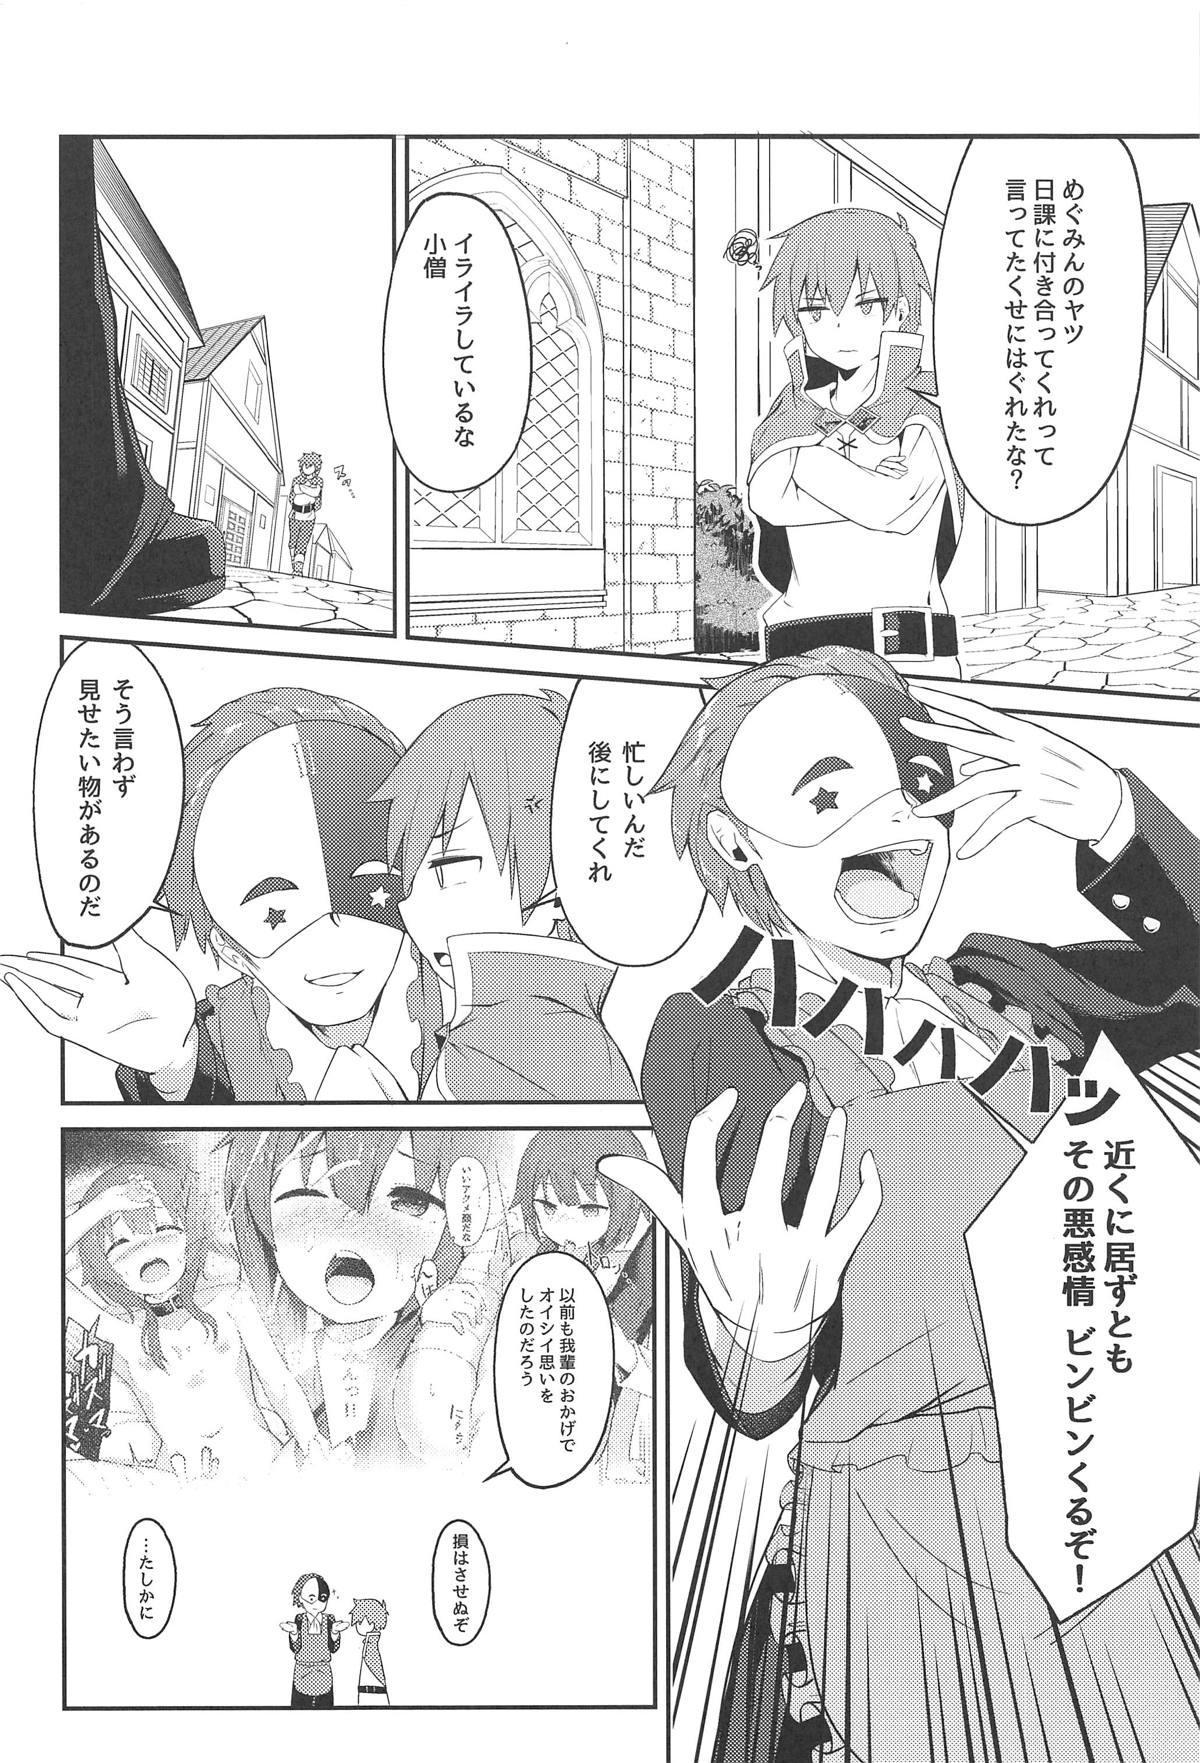 Lolikko Megumin o Kouryaku Seyo! 2